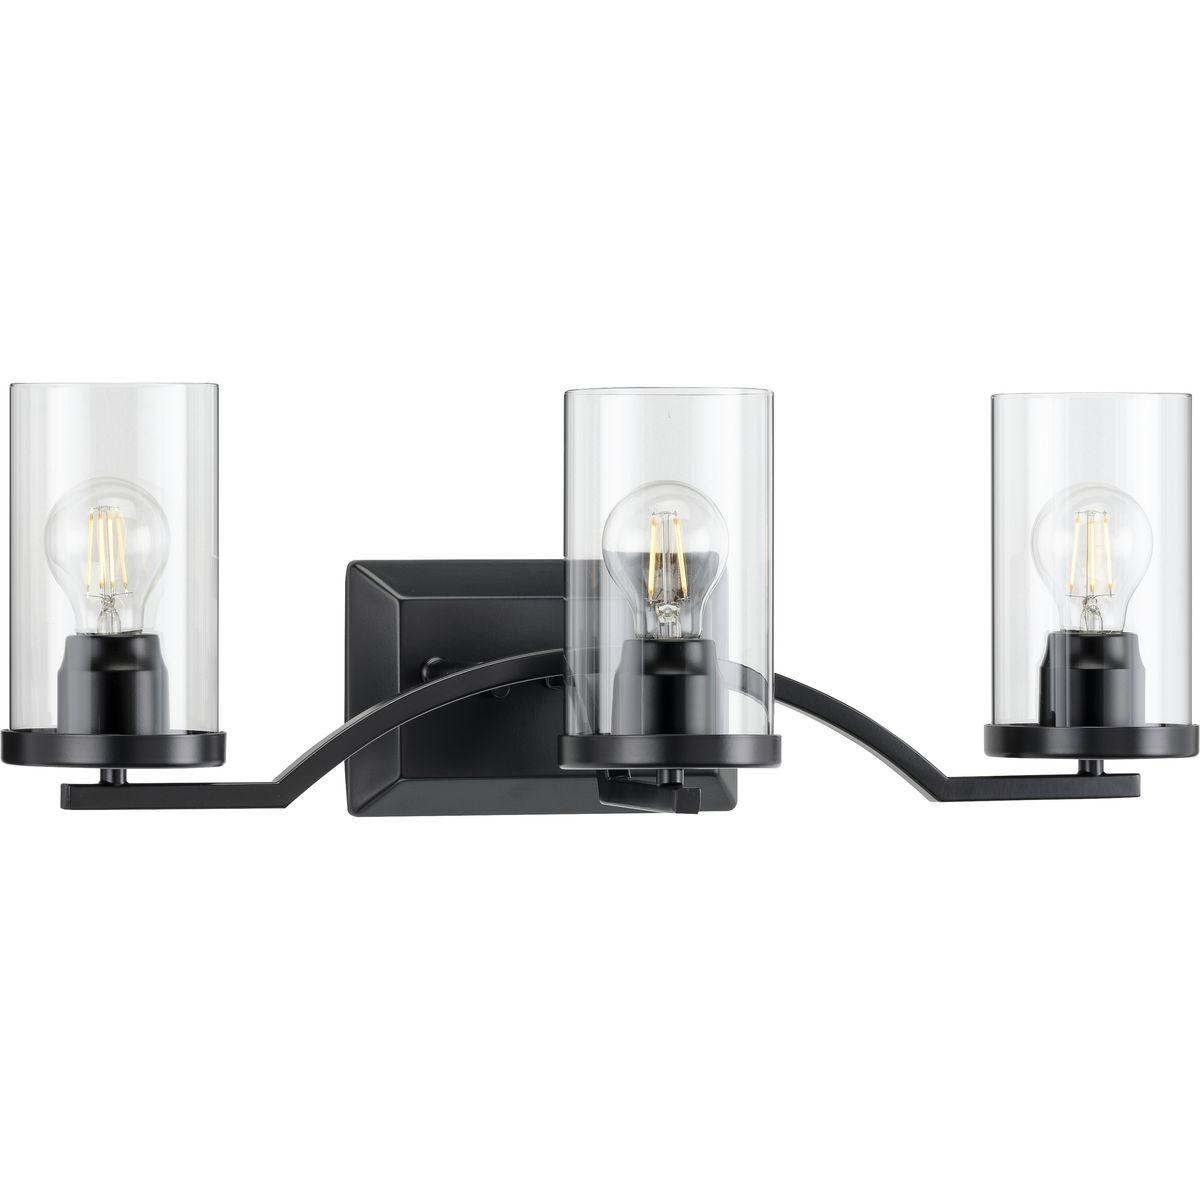 Clear Glass Modern Bath Vanity Light, Modern Bathroom Light Fixtures Matte Black